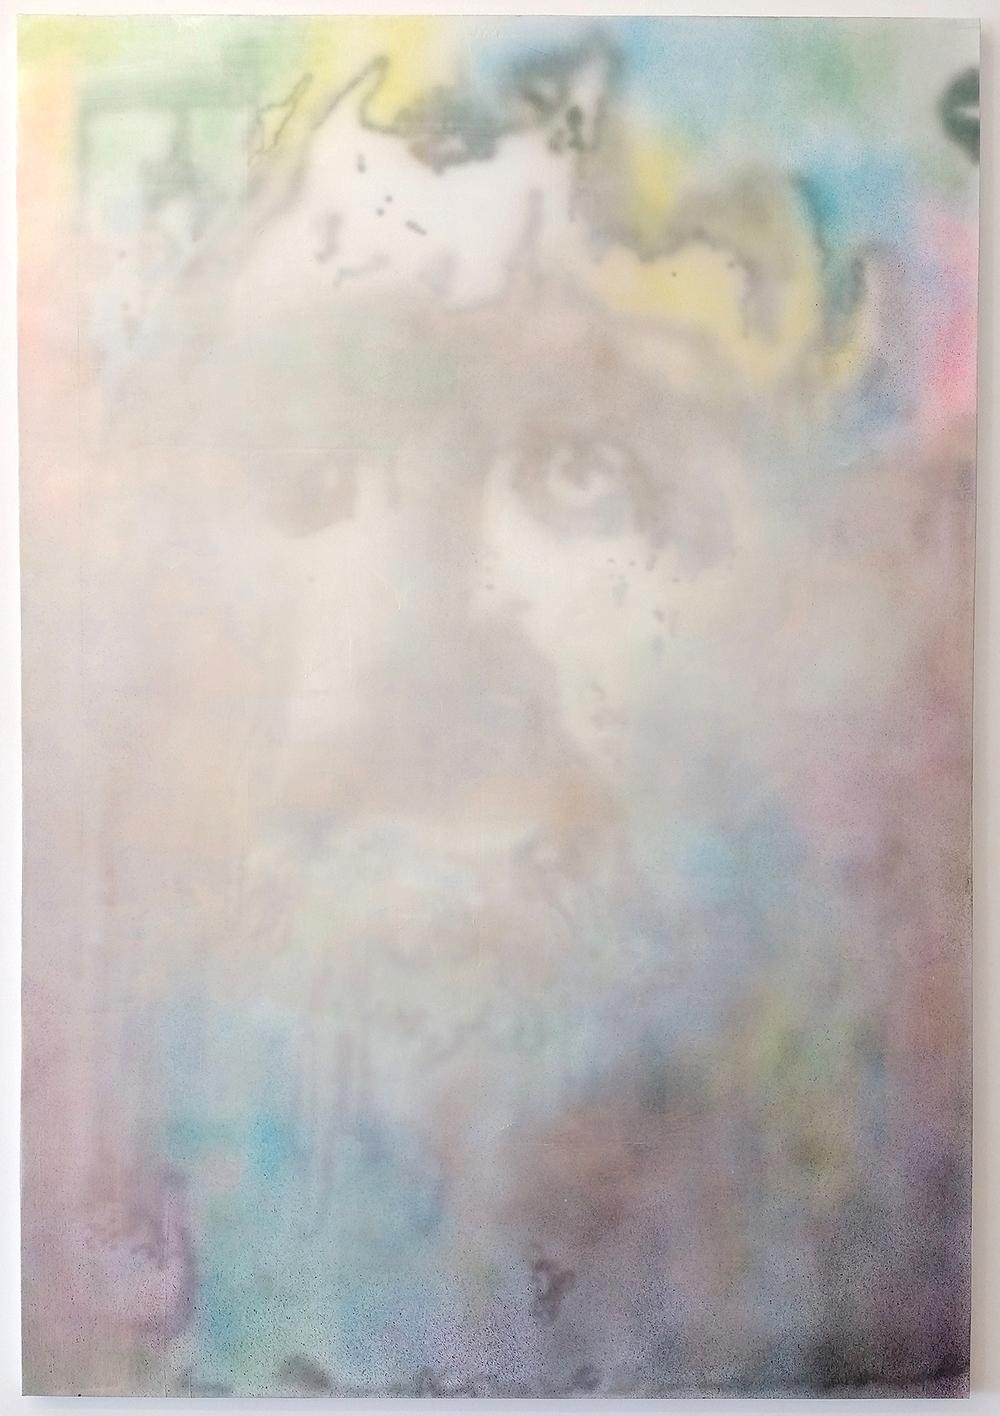 HIPp2014 White Prophet 97 5 x 65 5.jpg